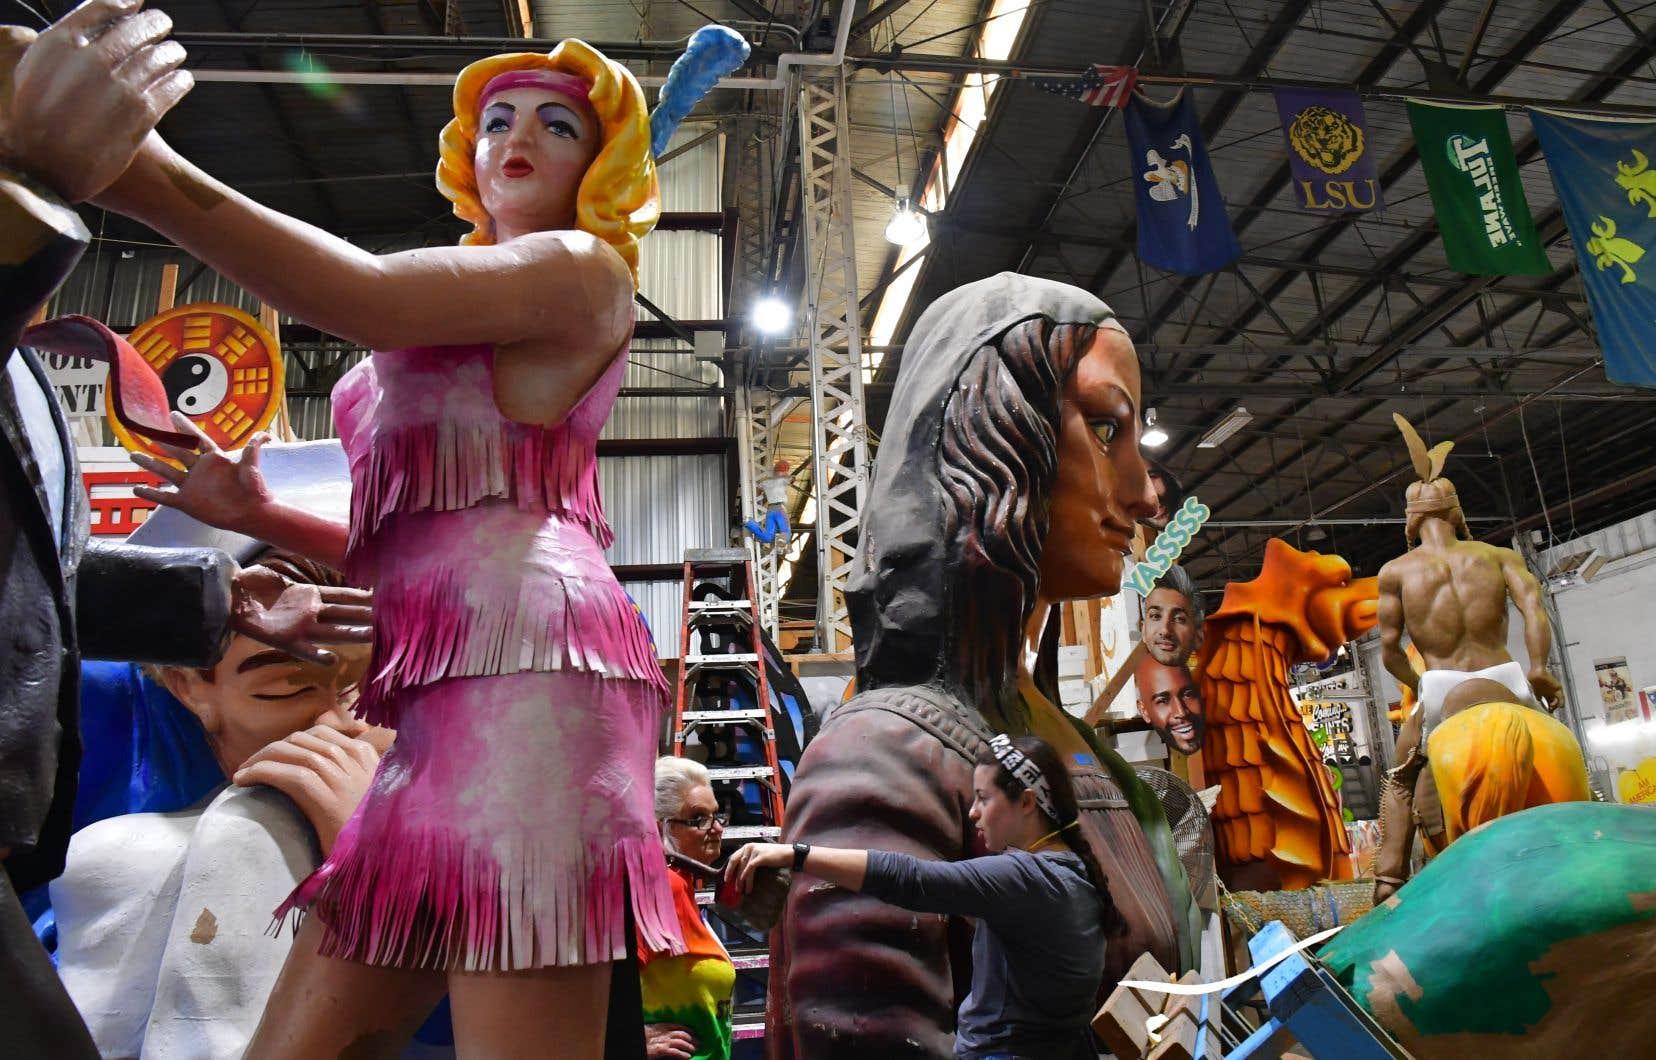 Il faut savoir que le Blaine Kern's Mardi Gras World n'est pas un musée, mais un atelier de création niché dans un vaste hangar, sur le bord du Mississippi, dans Lower Garden District.